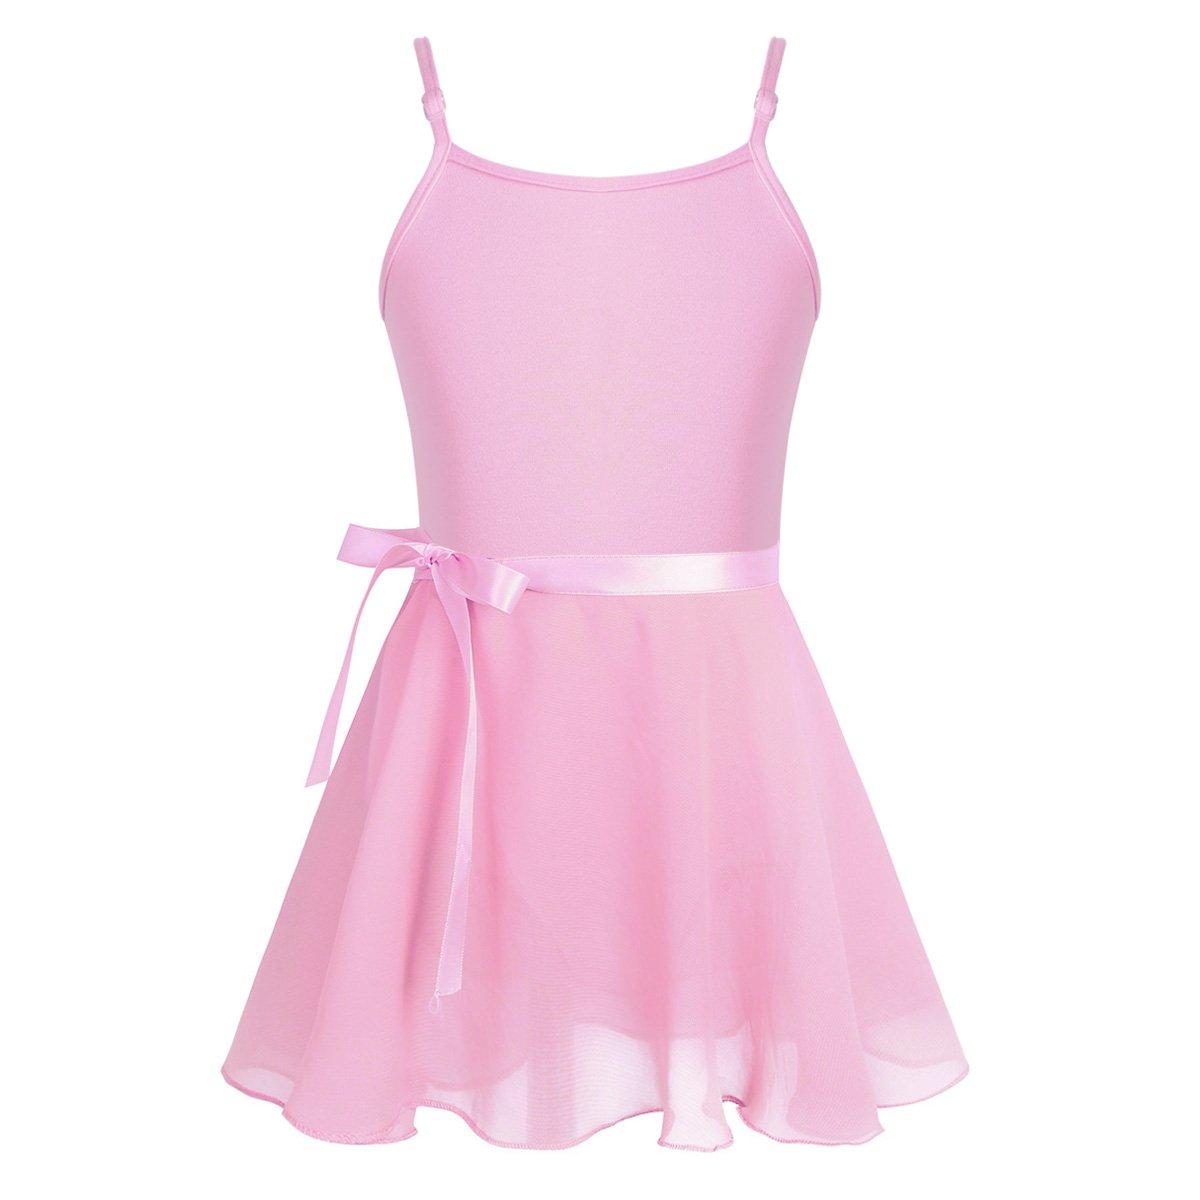 Freebily APPAREL ベビーガールズ ガールズ B07GWH2BQ8 12--14|Pink(camisole) Pink(camisole) 12--14